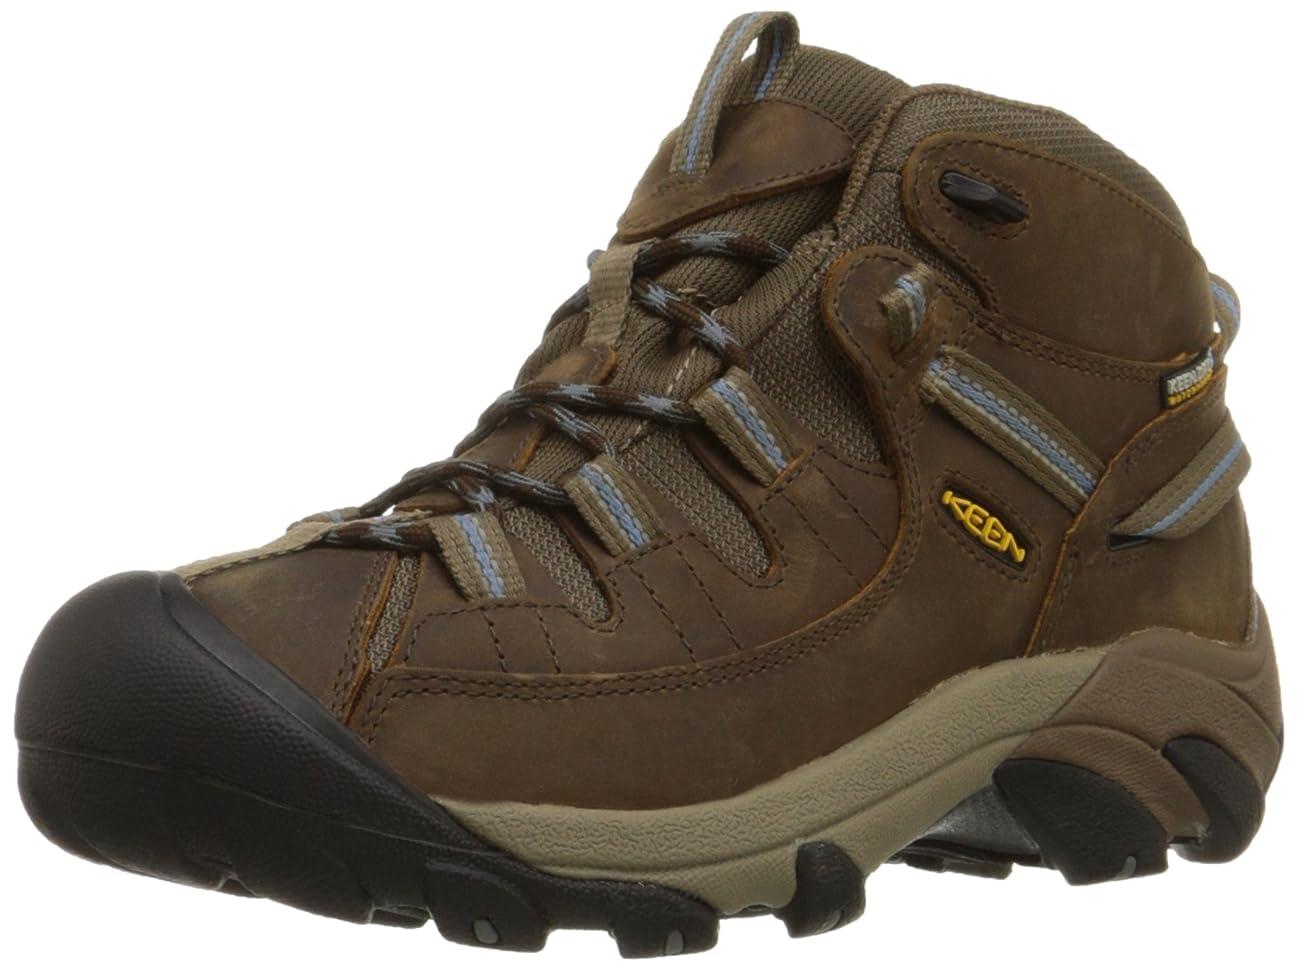 KEEN Women's Targhee II Mid Waterproof Hiking Boot,Slate Black/Flint Stone,10 M US